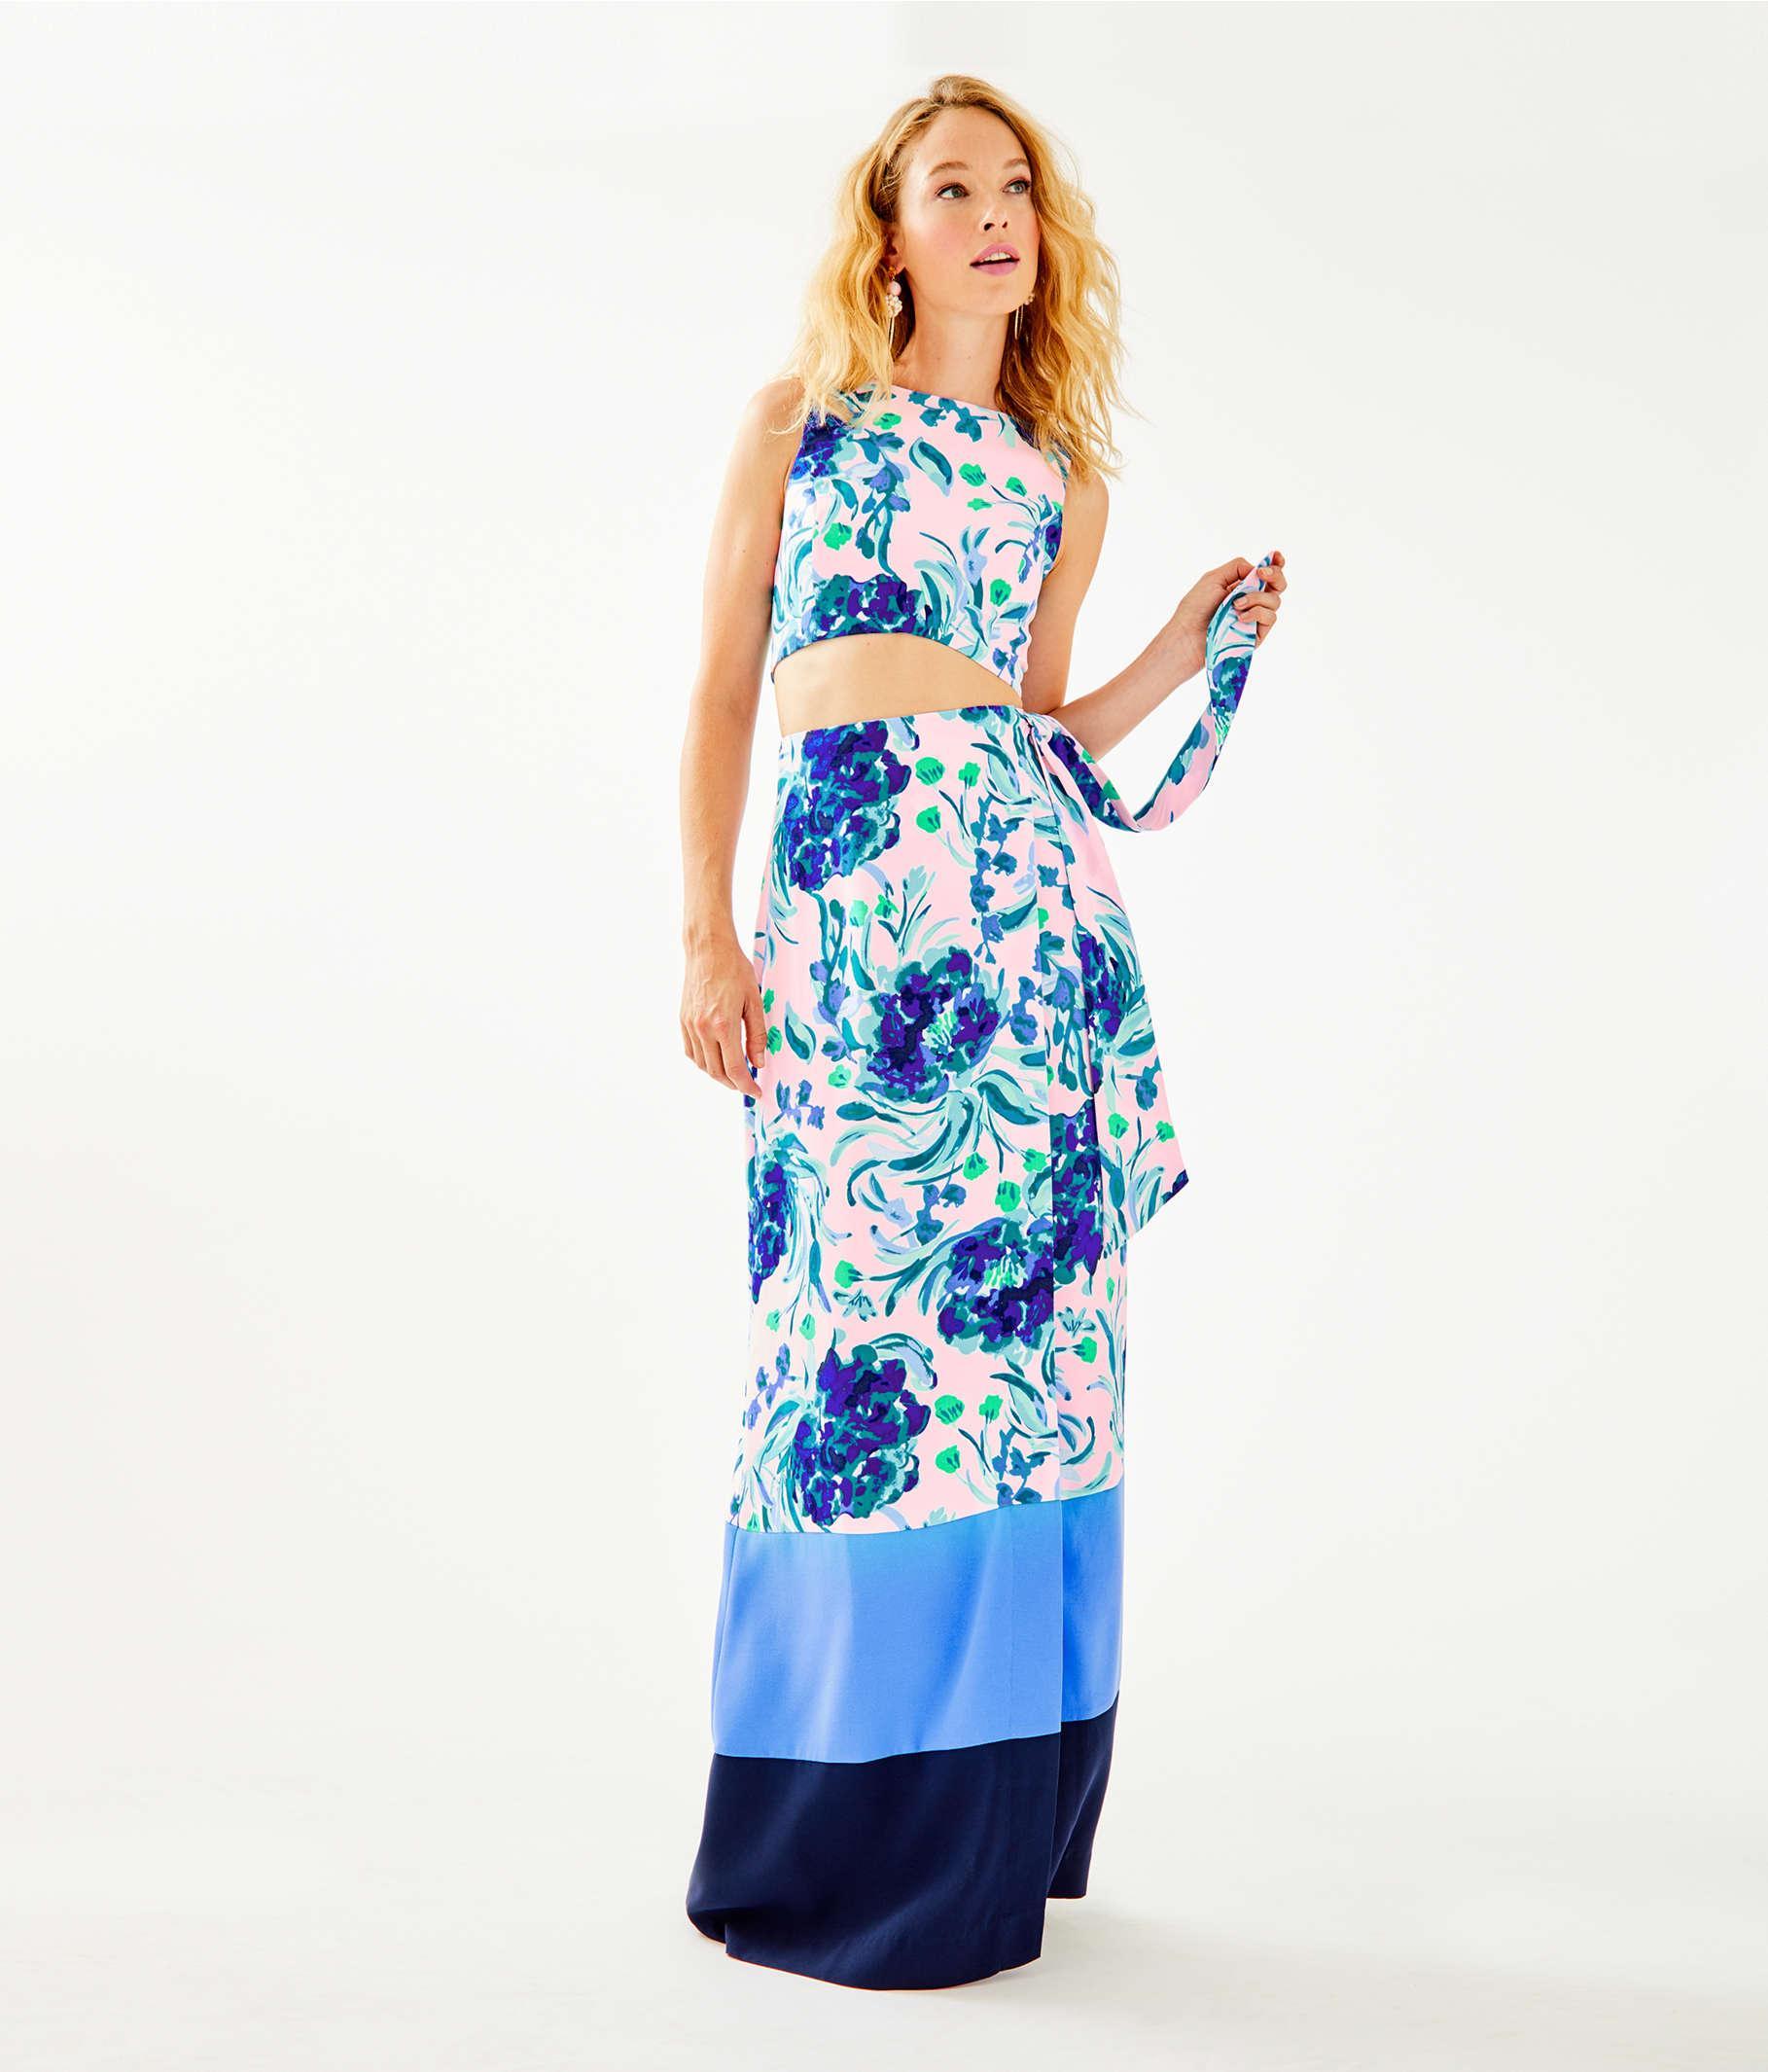 5f5d2054db8dbb Lilly Pulitzer Lilly Pulitzer Jemma Crop Top & Maxi Wrap Skirt Set ...